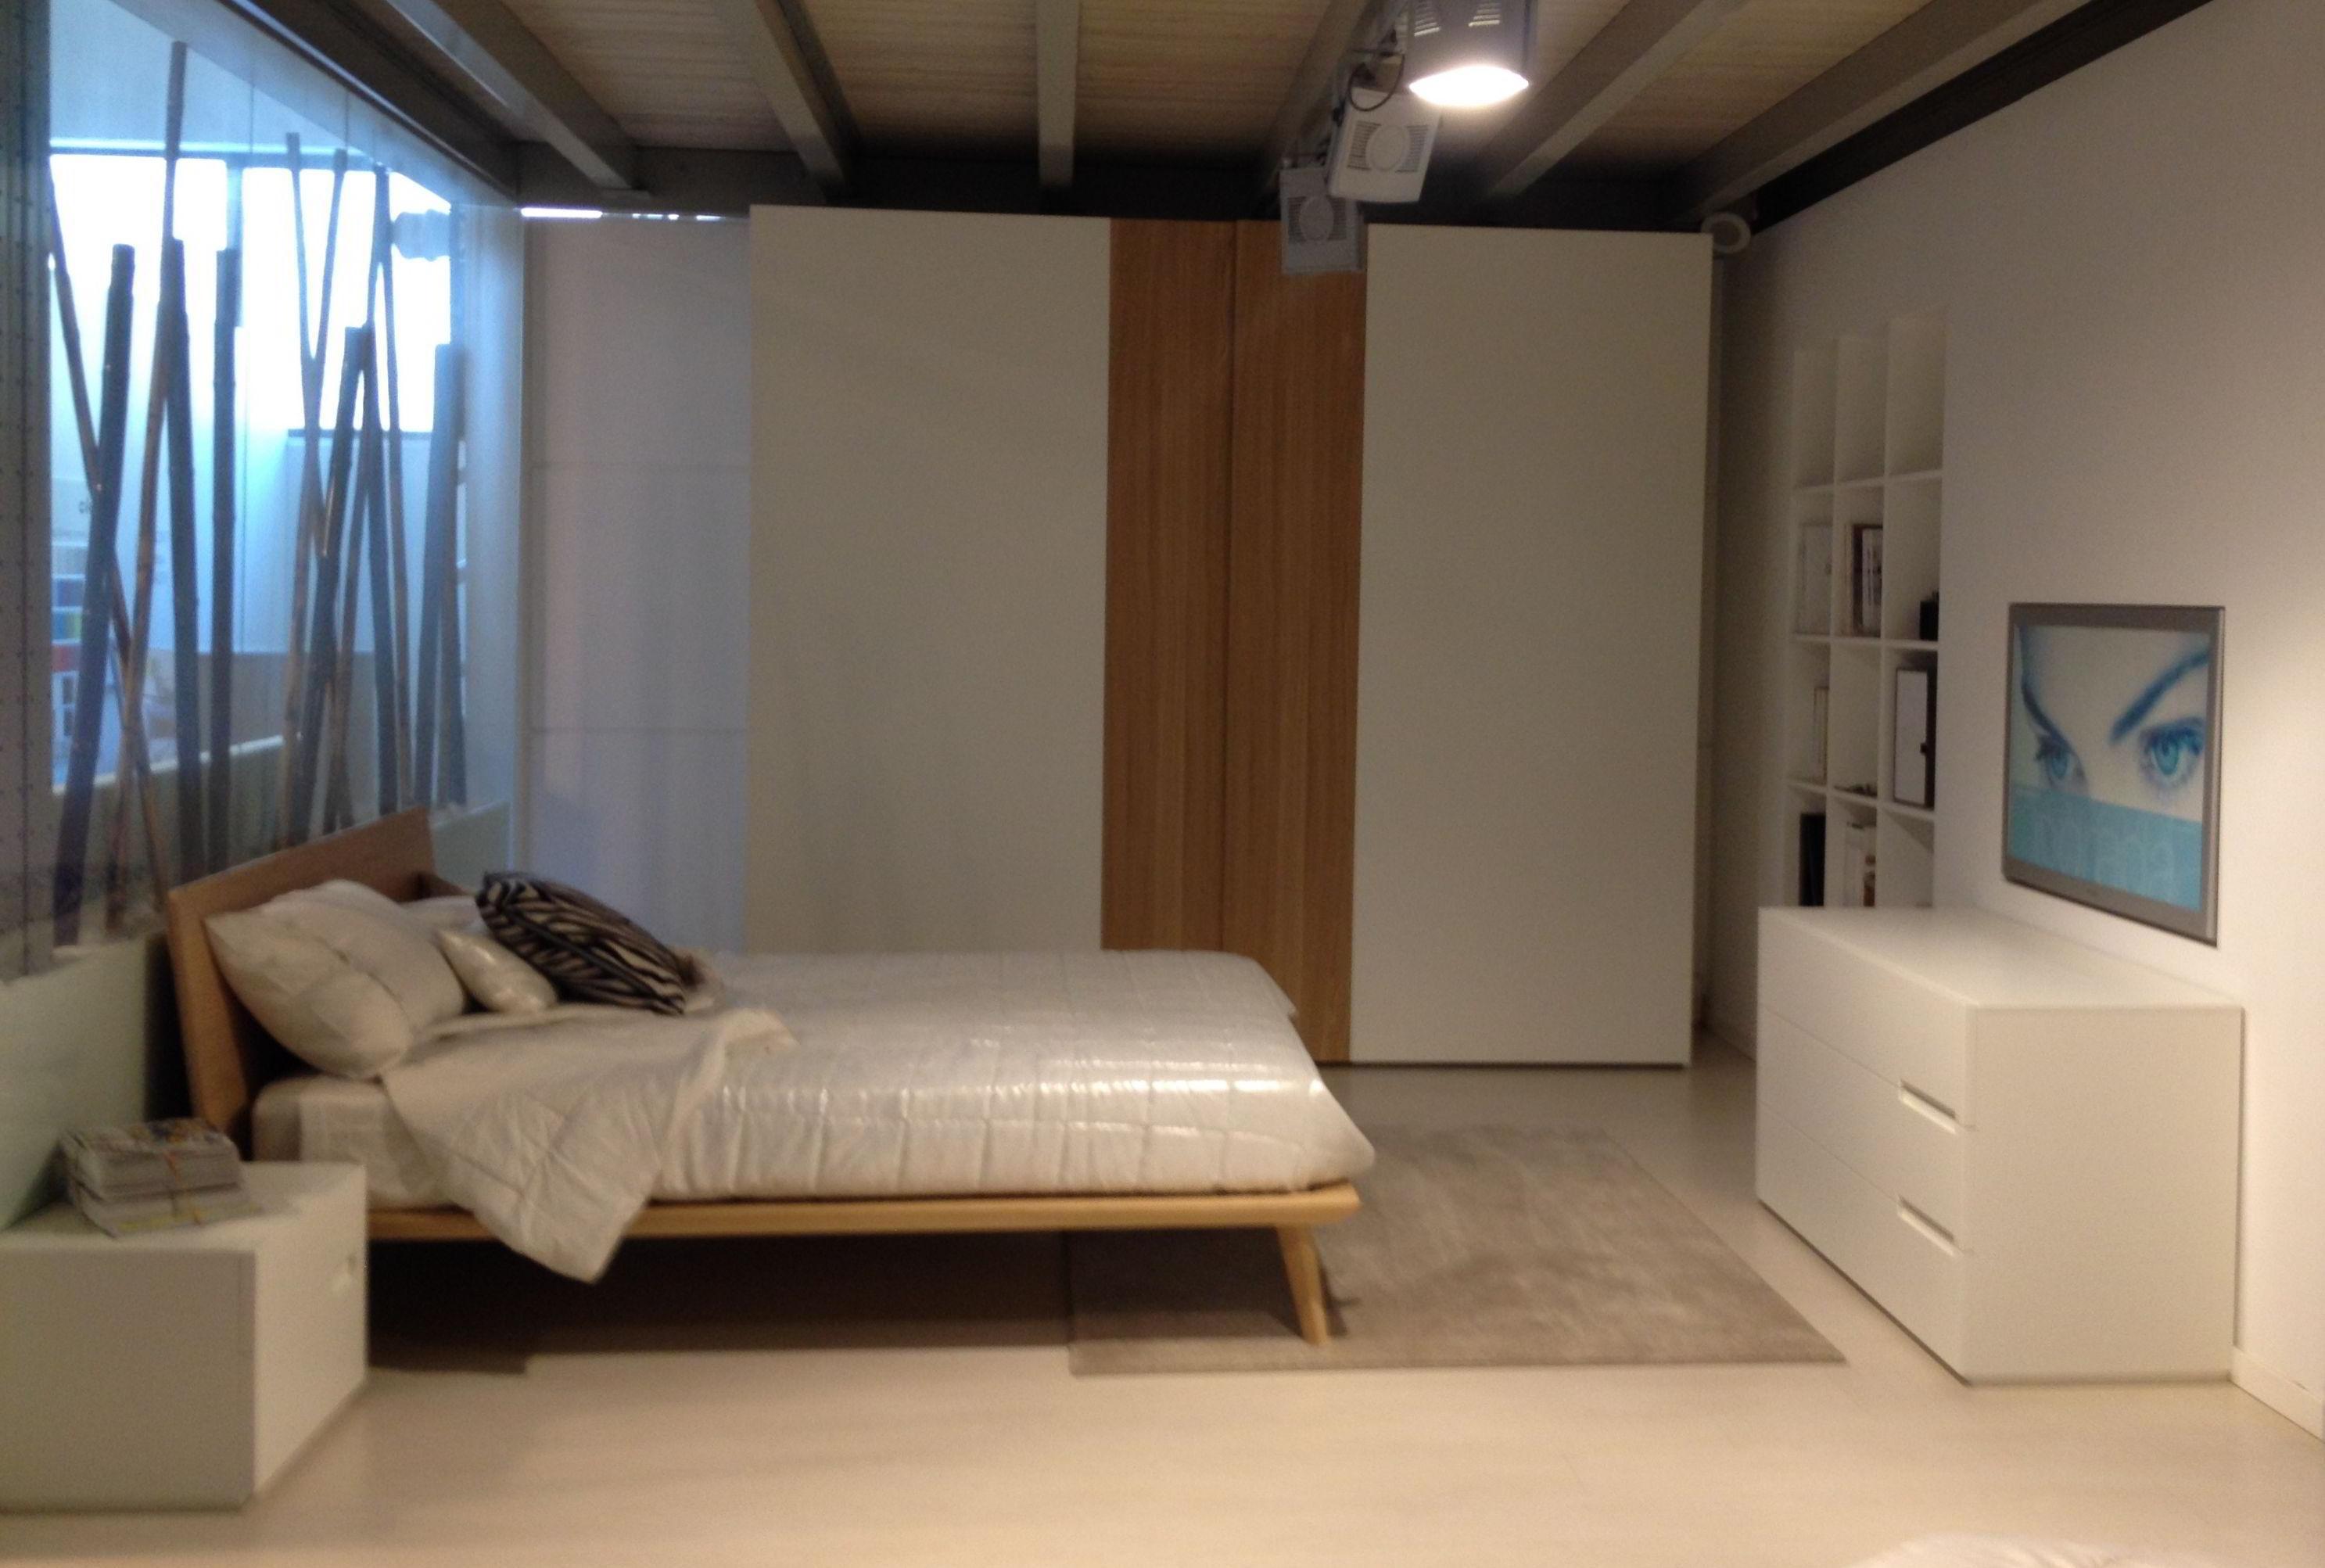 Offerta camera matrimoniale completa camere a prezzi - Camera de letto matrimoniale ...